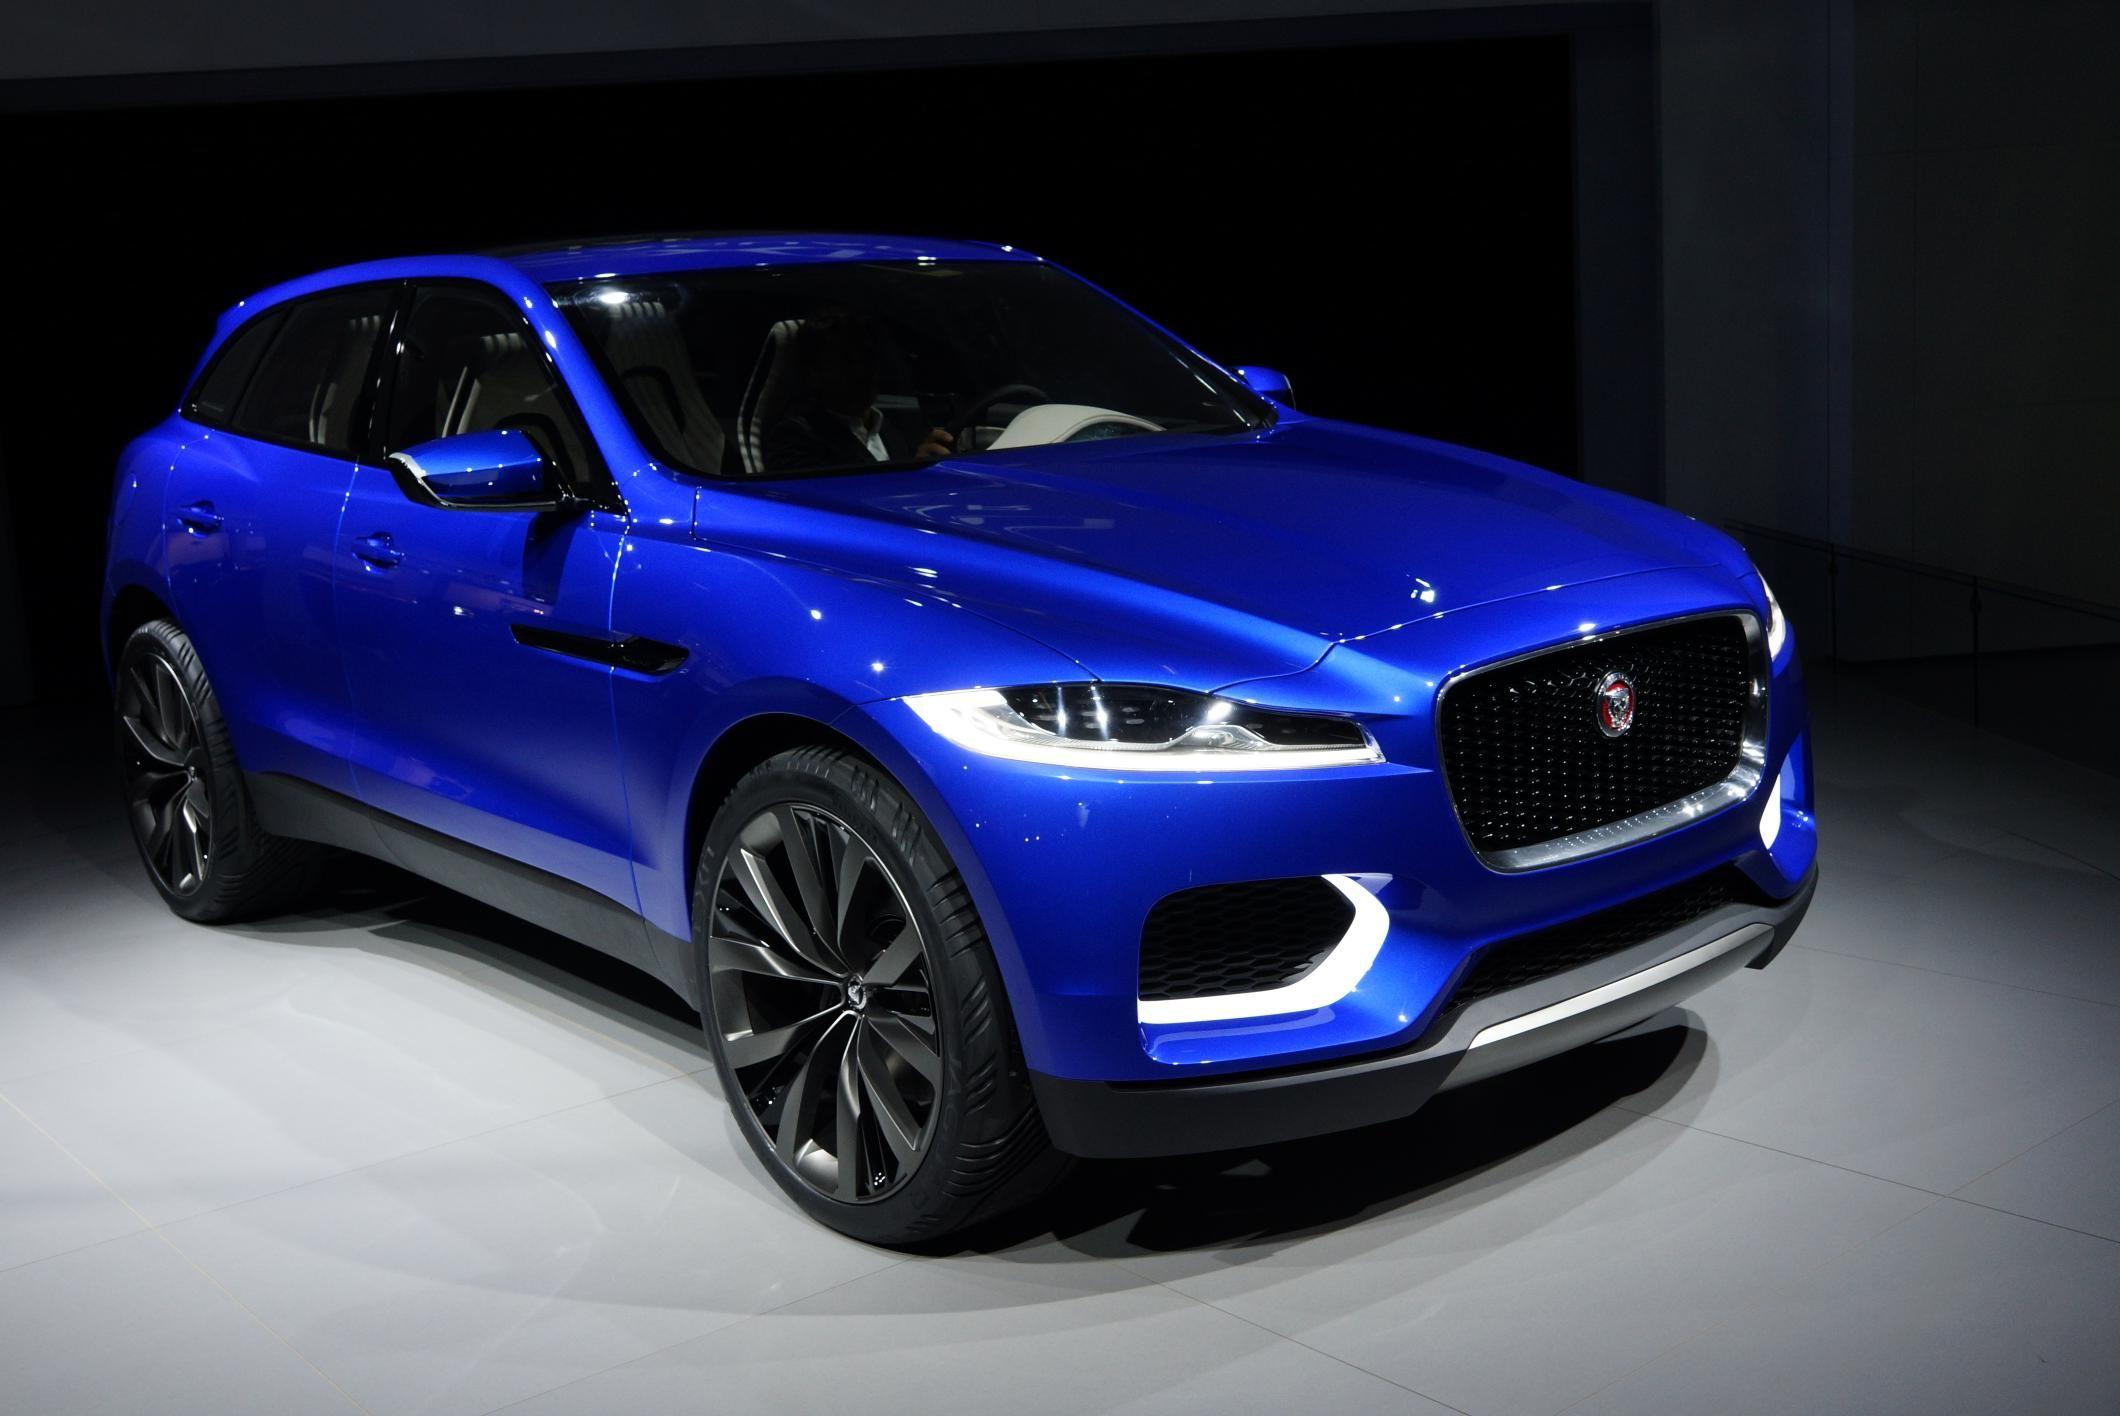 2015 jaguar cx 17 concept blue color